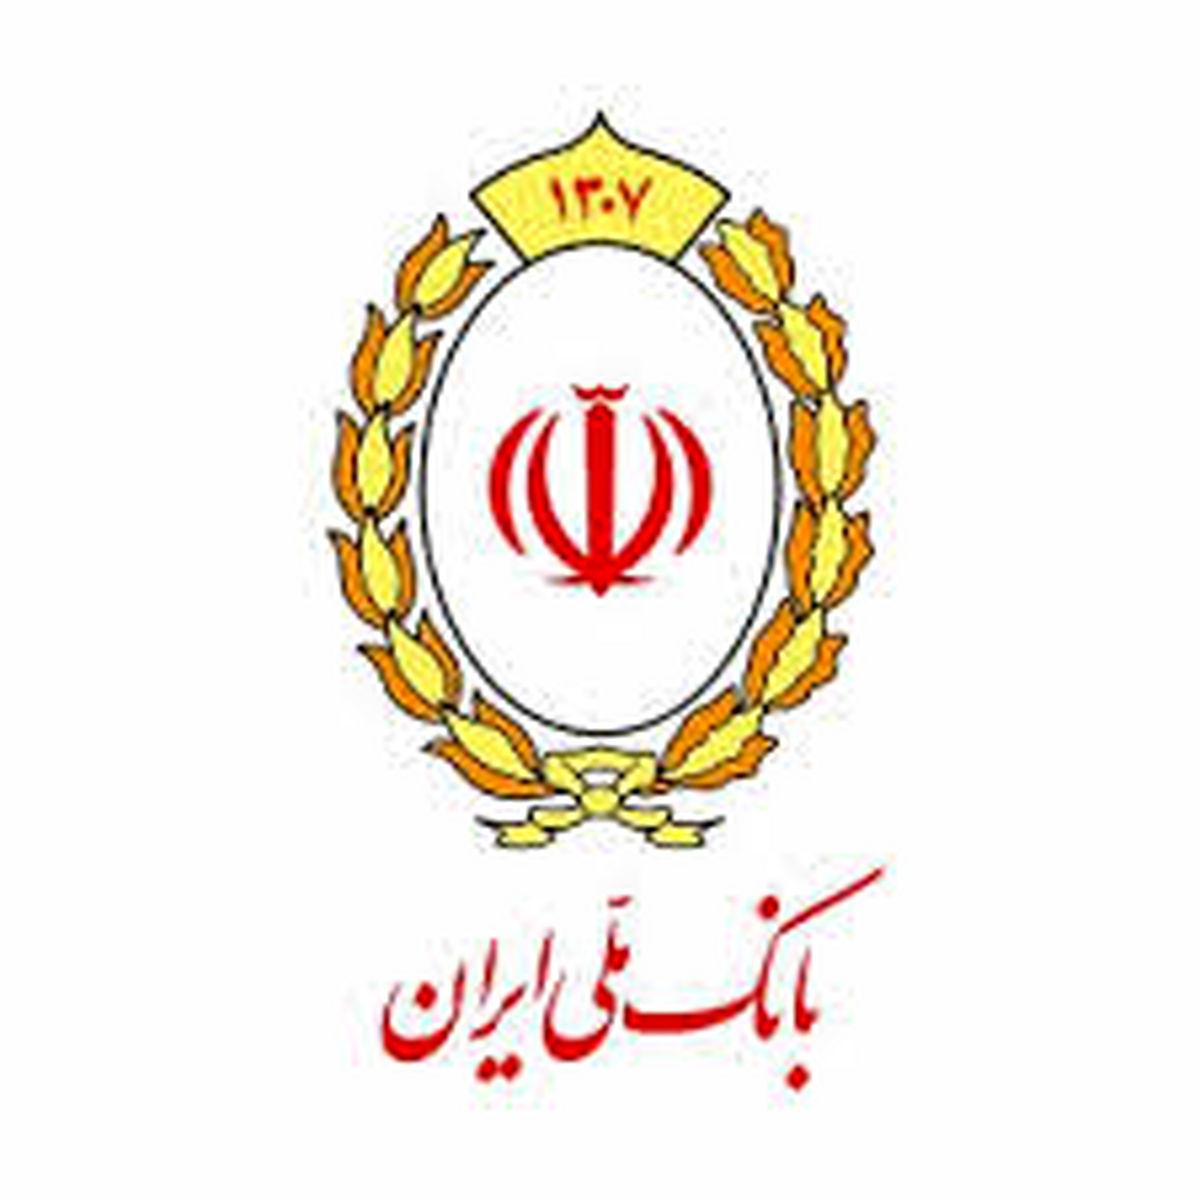 جایگاه های برتر بانک ملی ایران در گزارش فروردین ماه شاپرک